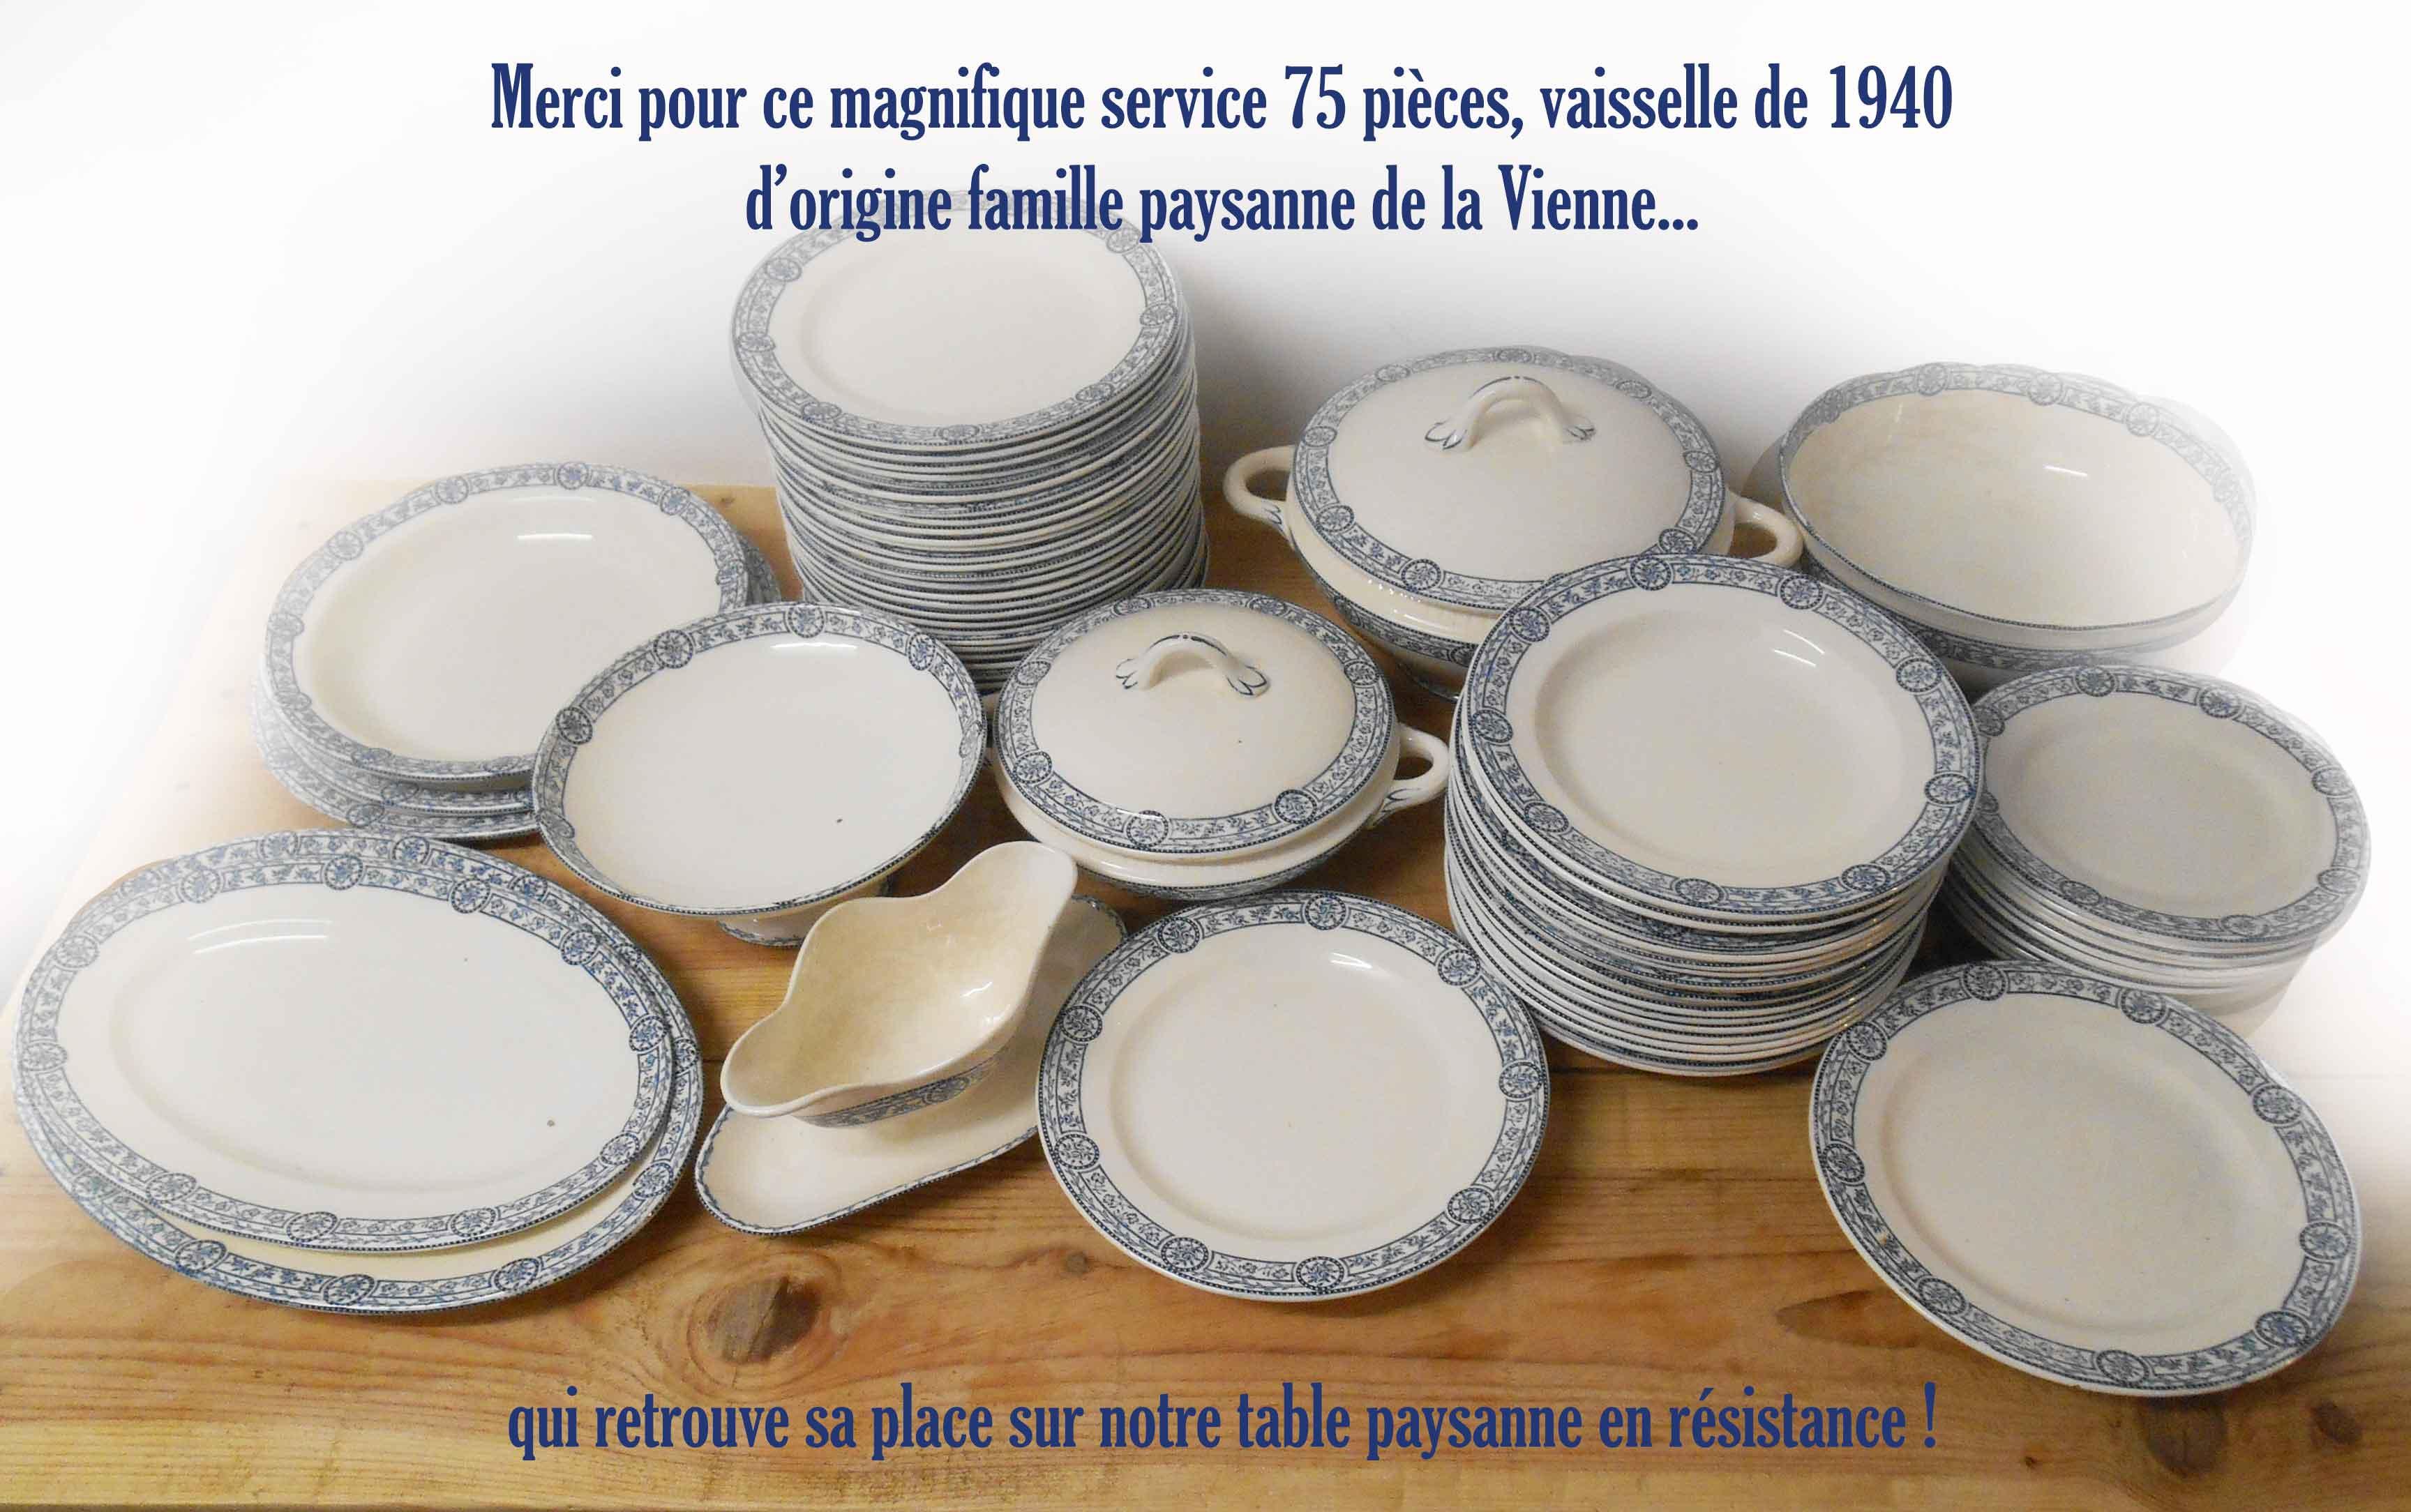 vaisselle.jpg